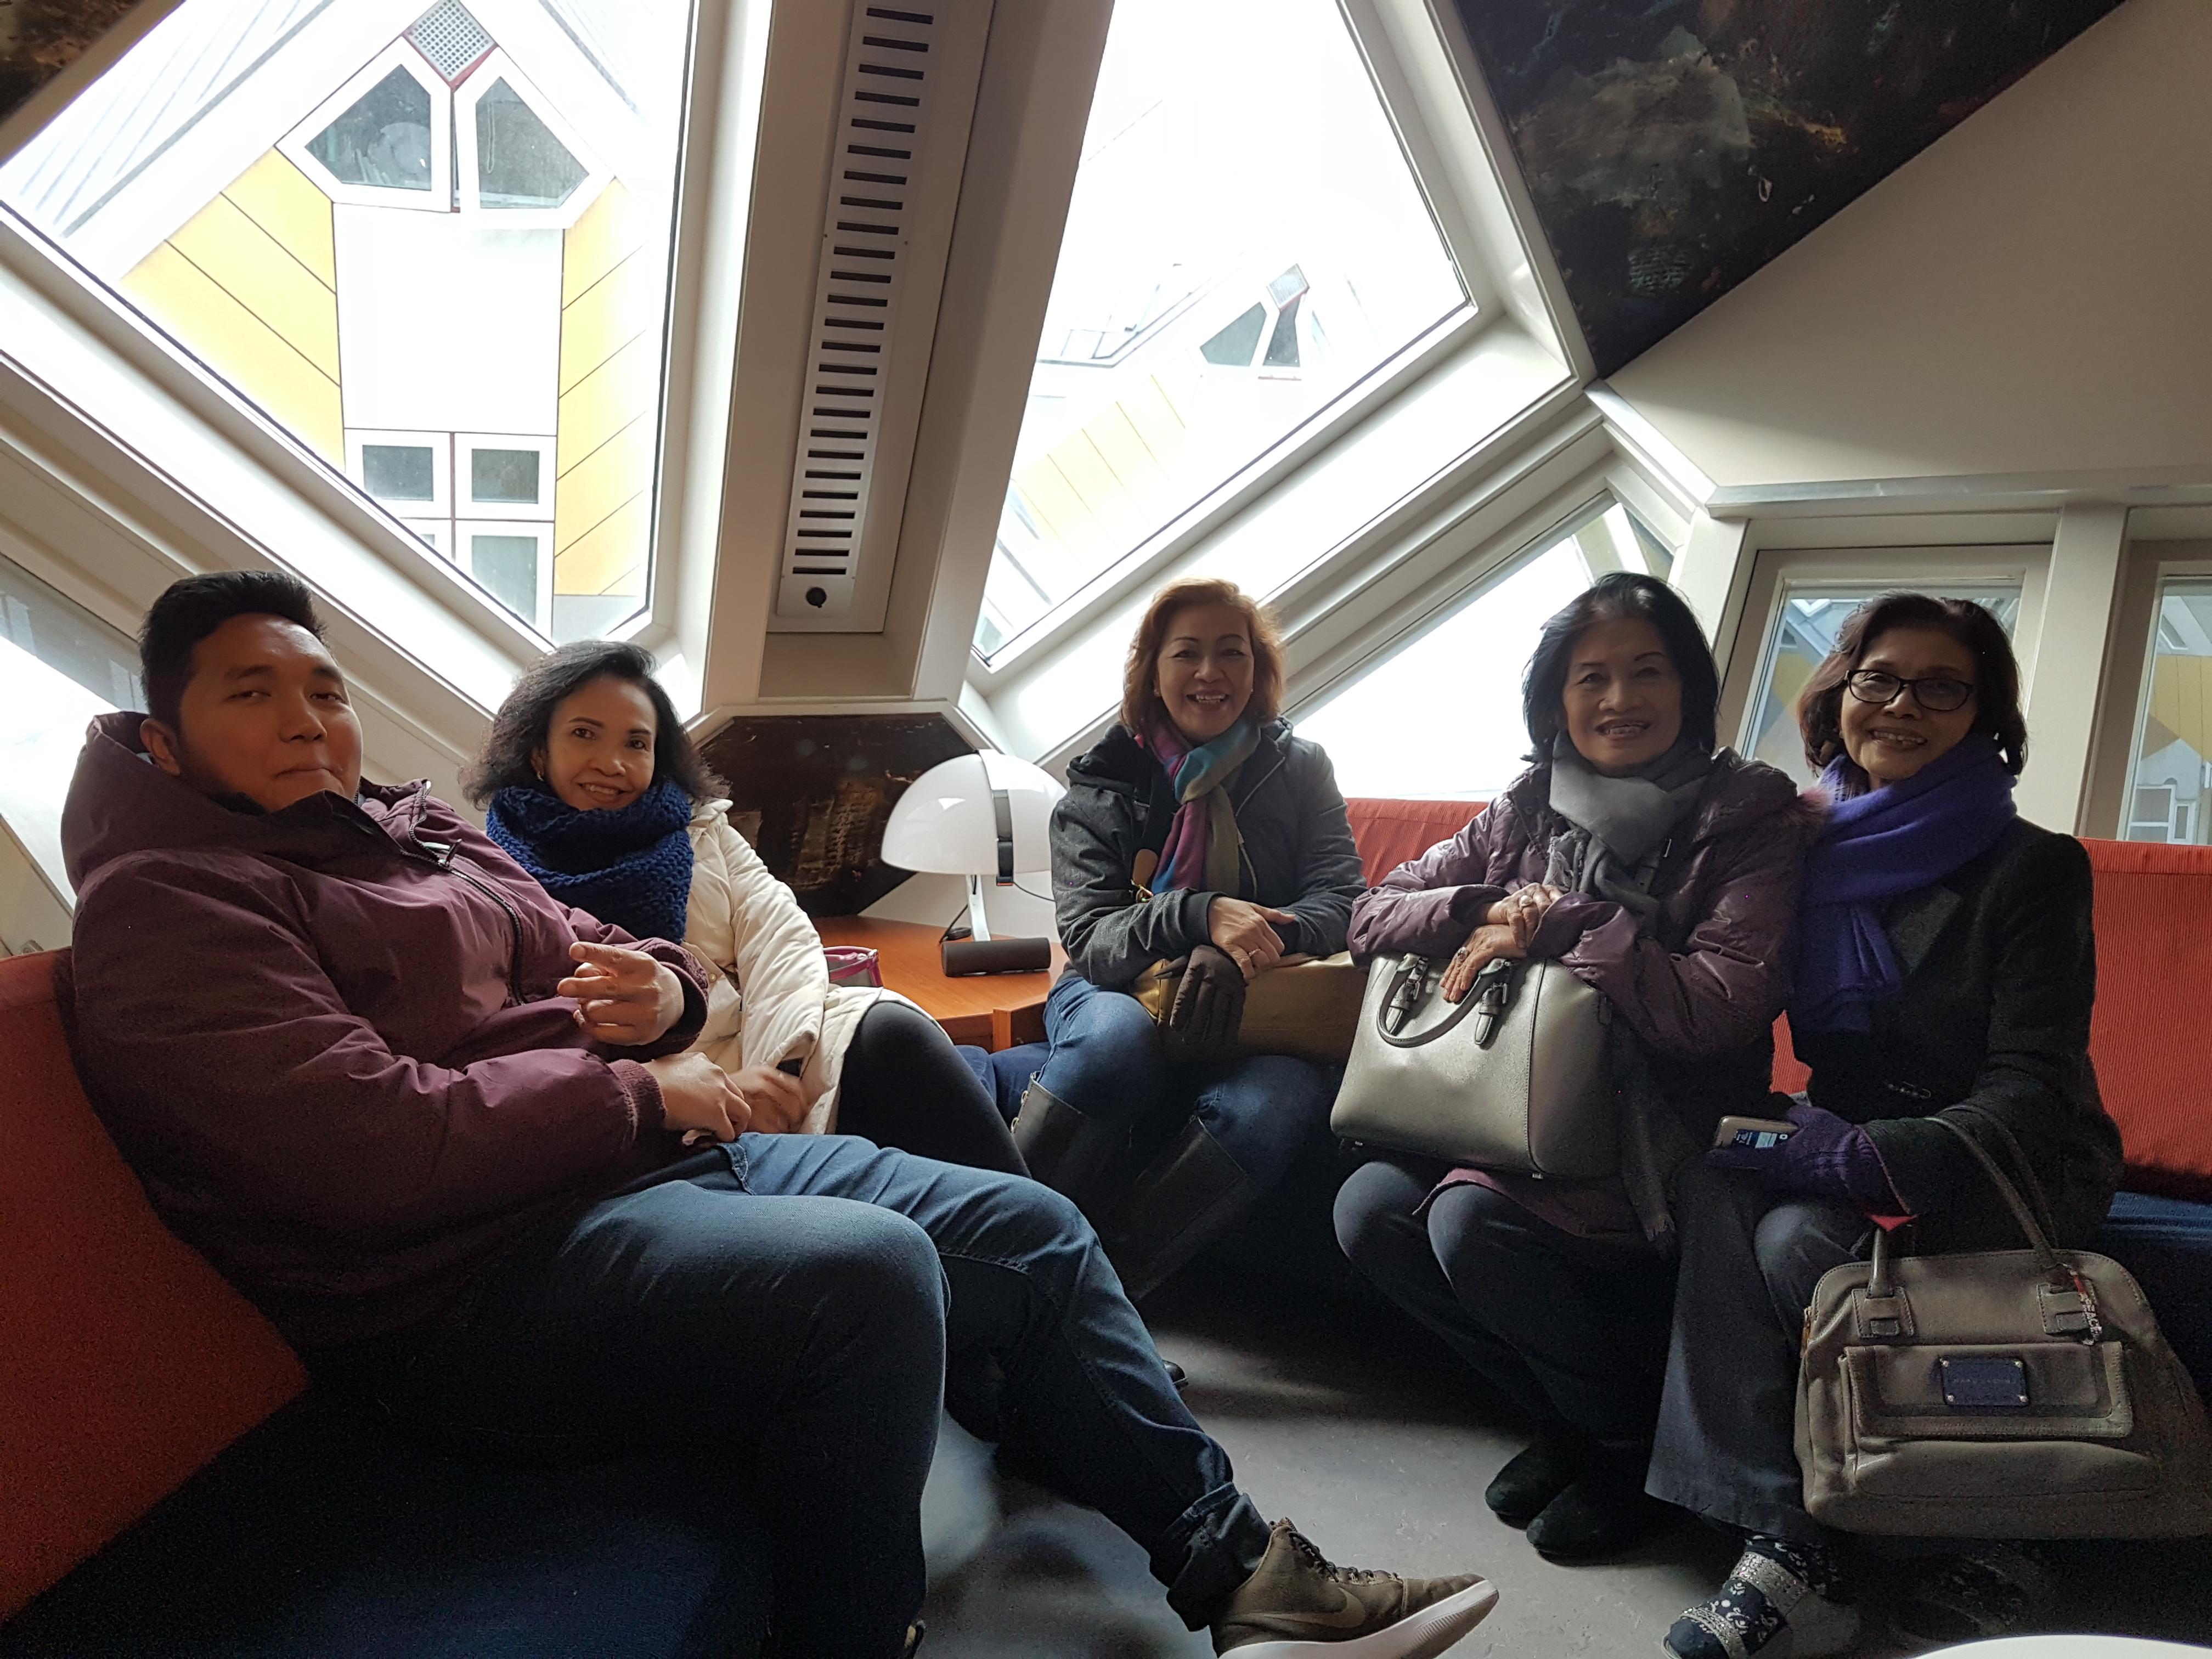 Rumah Kubus, Cube Houses, Rotteram Blaak, Wisata ke Rotterdam, Museum Rumah Kubus